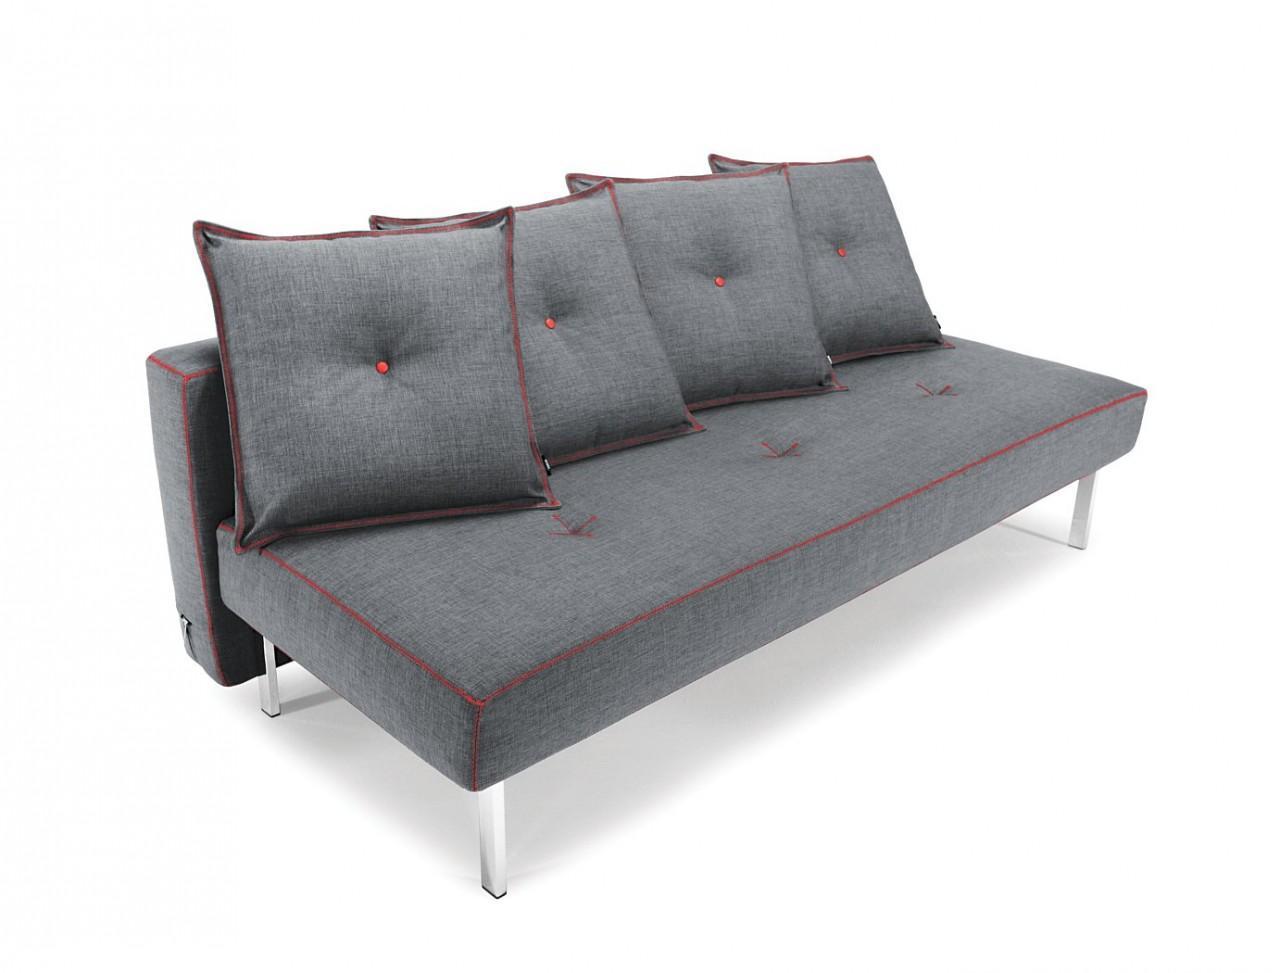 Fancy - Flexible Cay Sofa by Alexander Rehn